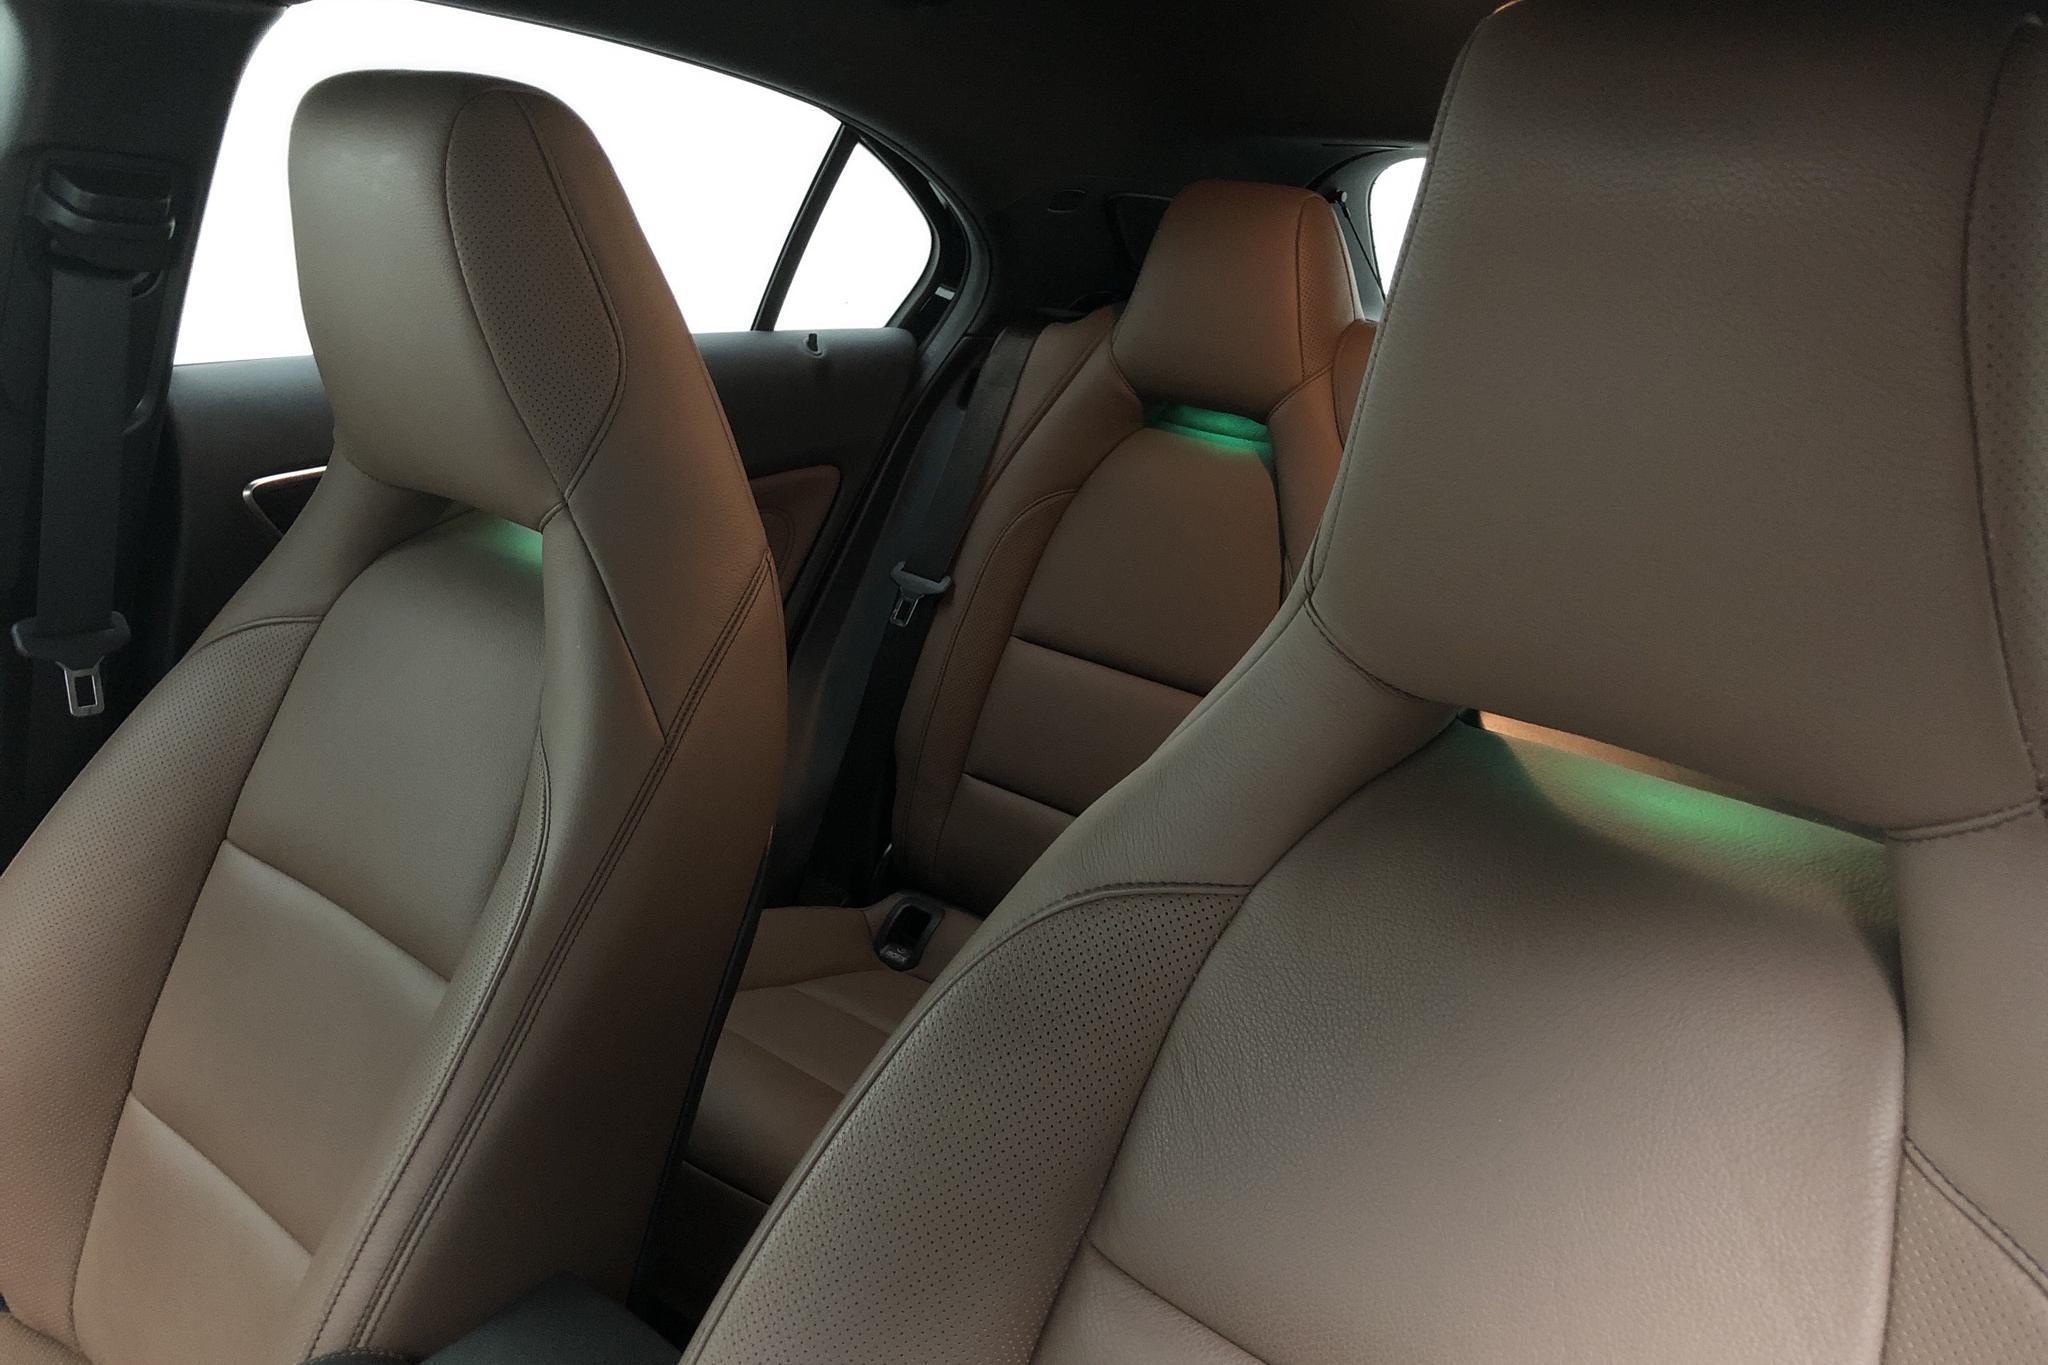 Mercedes A 220 d 5dr W176 (177hk) - 45 290 km - Automatic - black - 2018